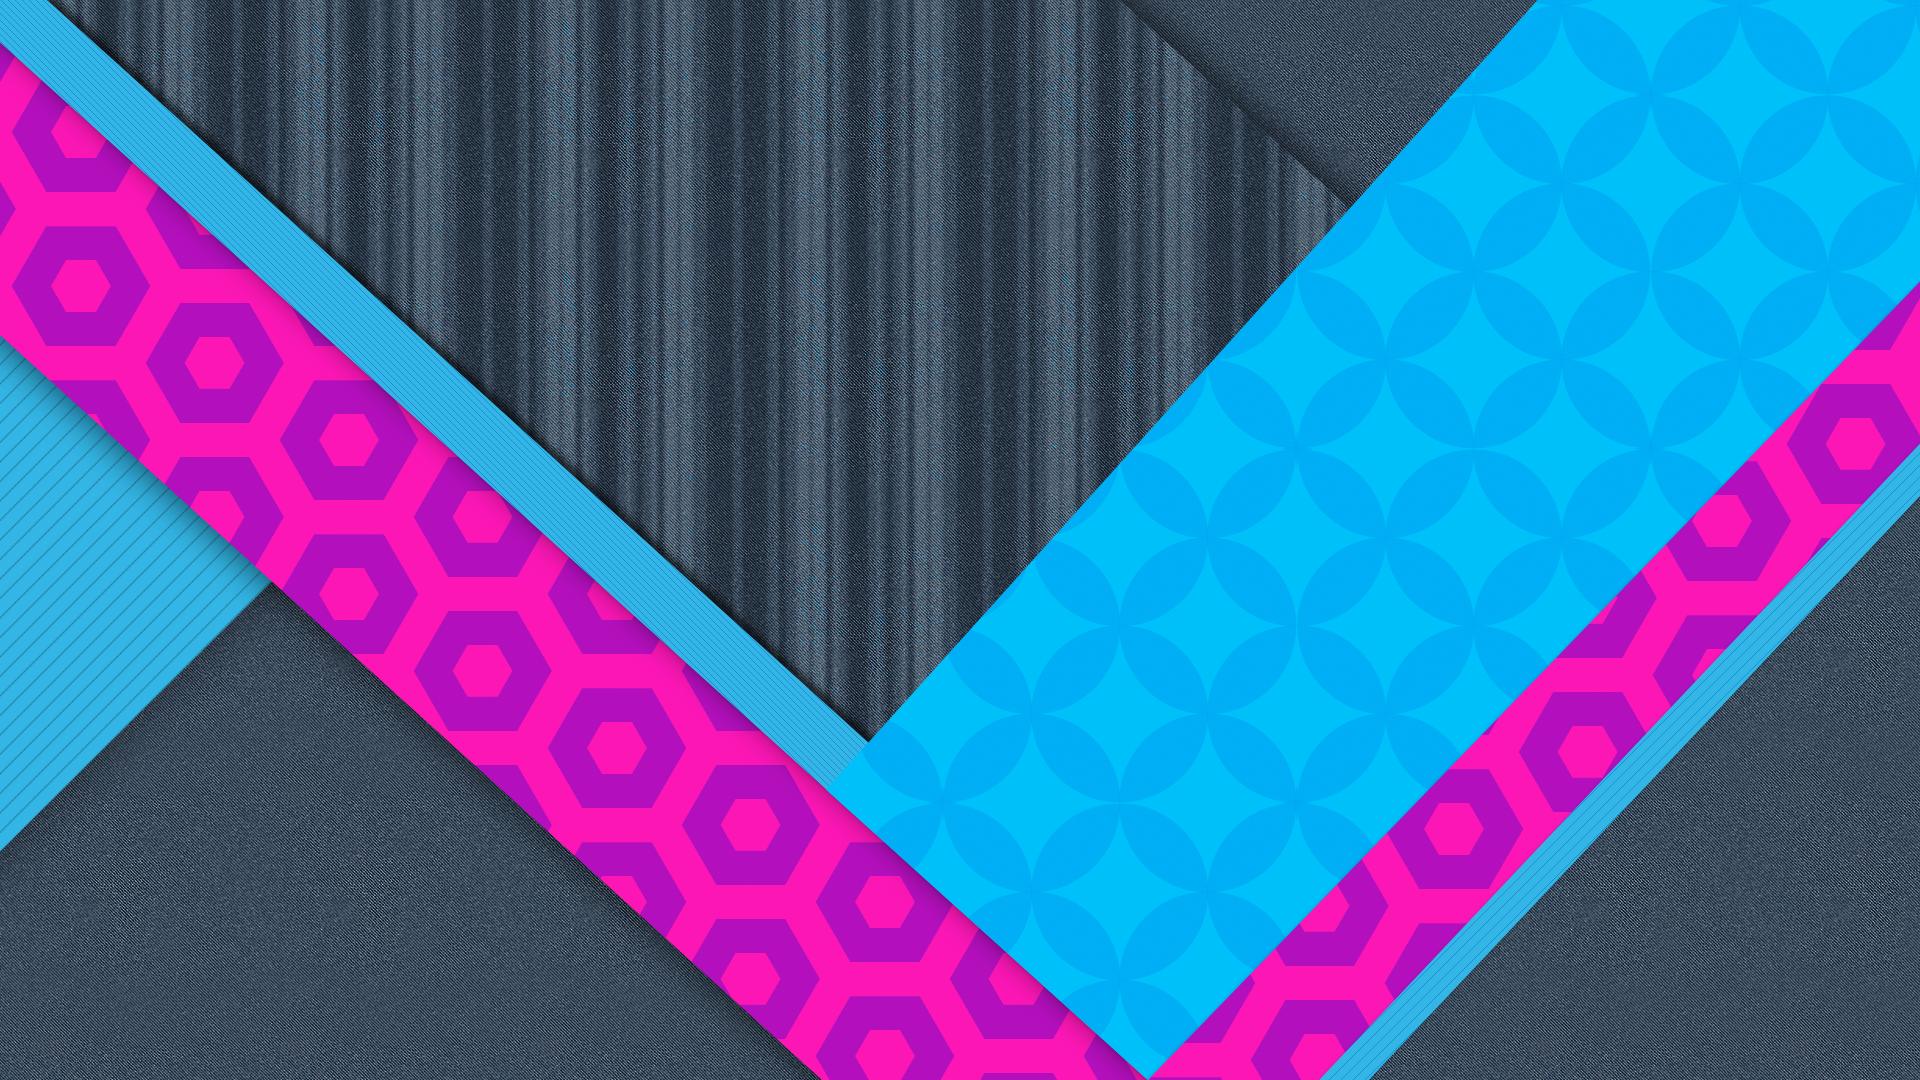 Hd material wallpapers wallpapersafari for Room design hd wallpaper